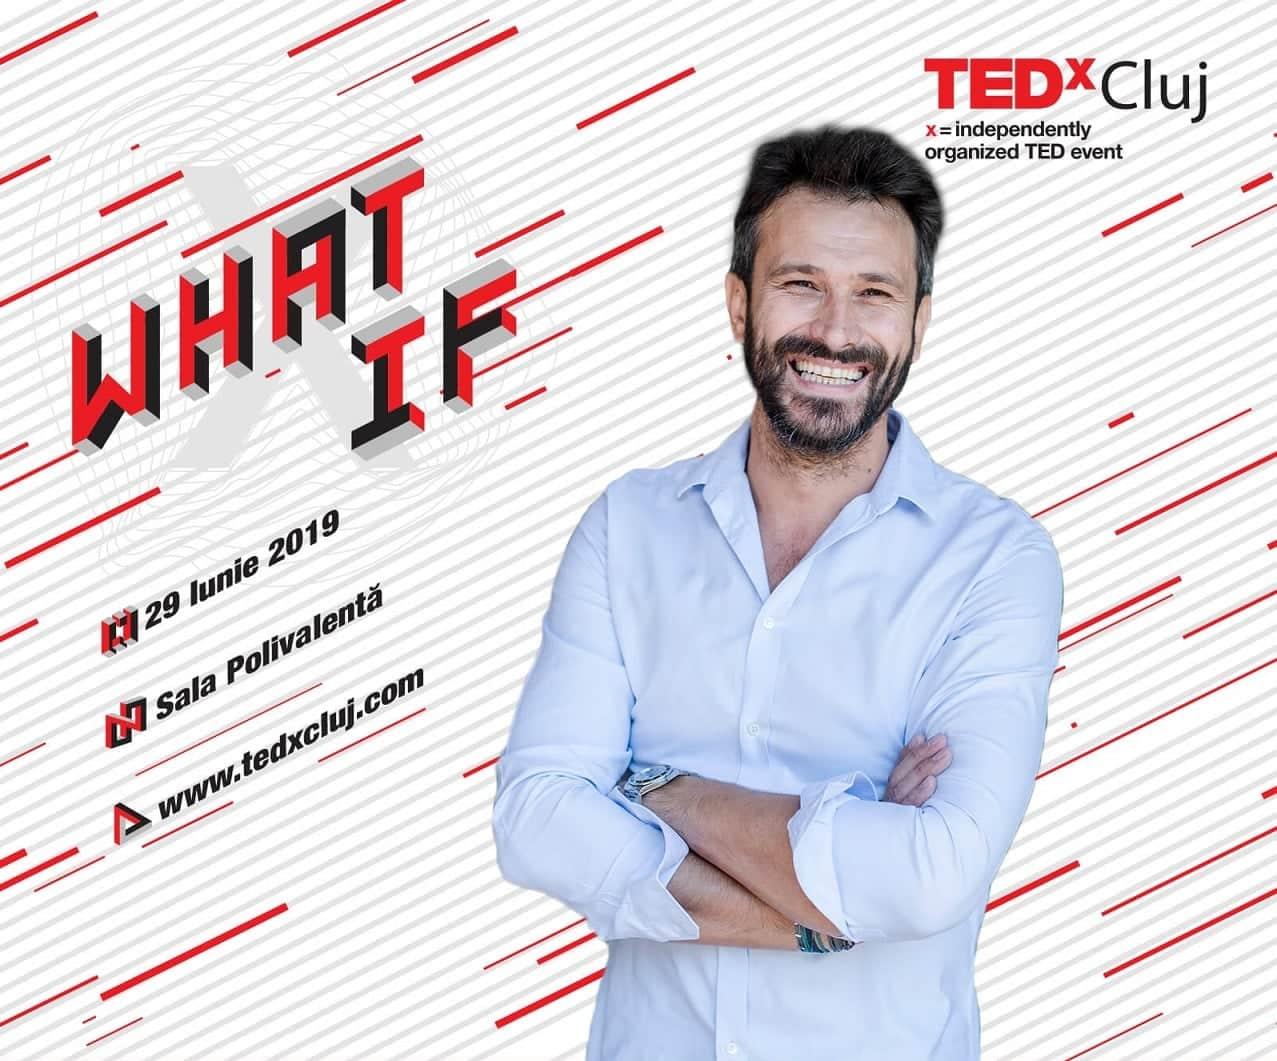 Ce se întâmplă la TEDxCluj 2019 eveniment și ultimele locuri